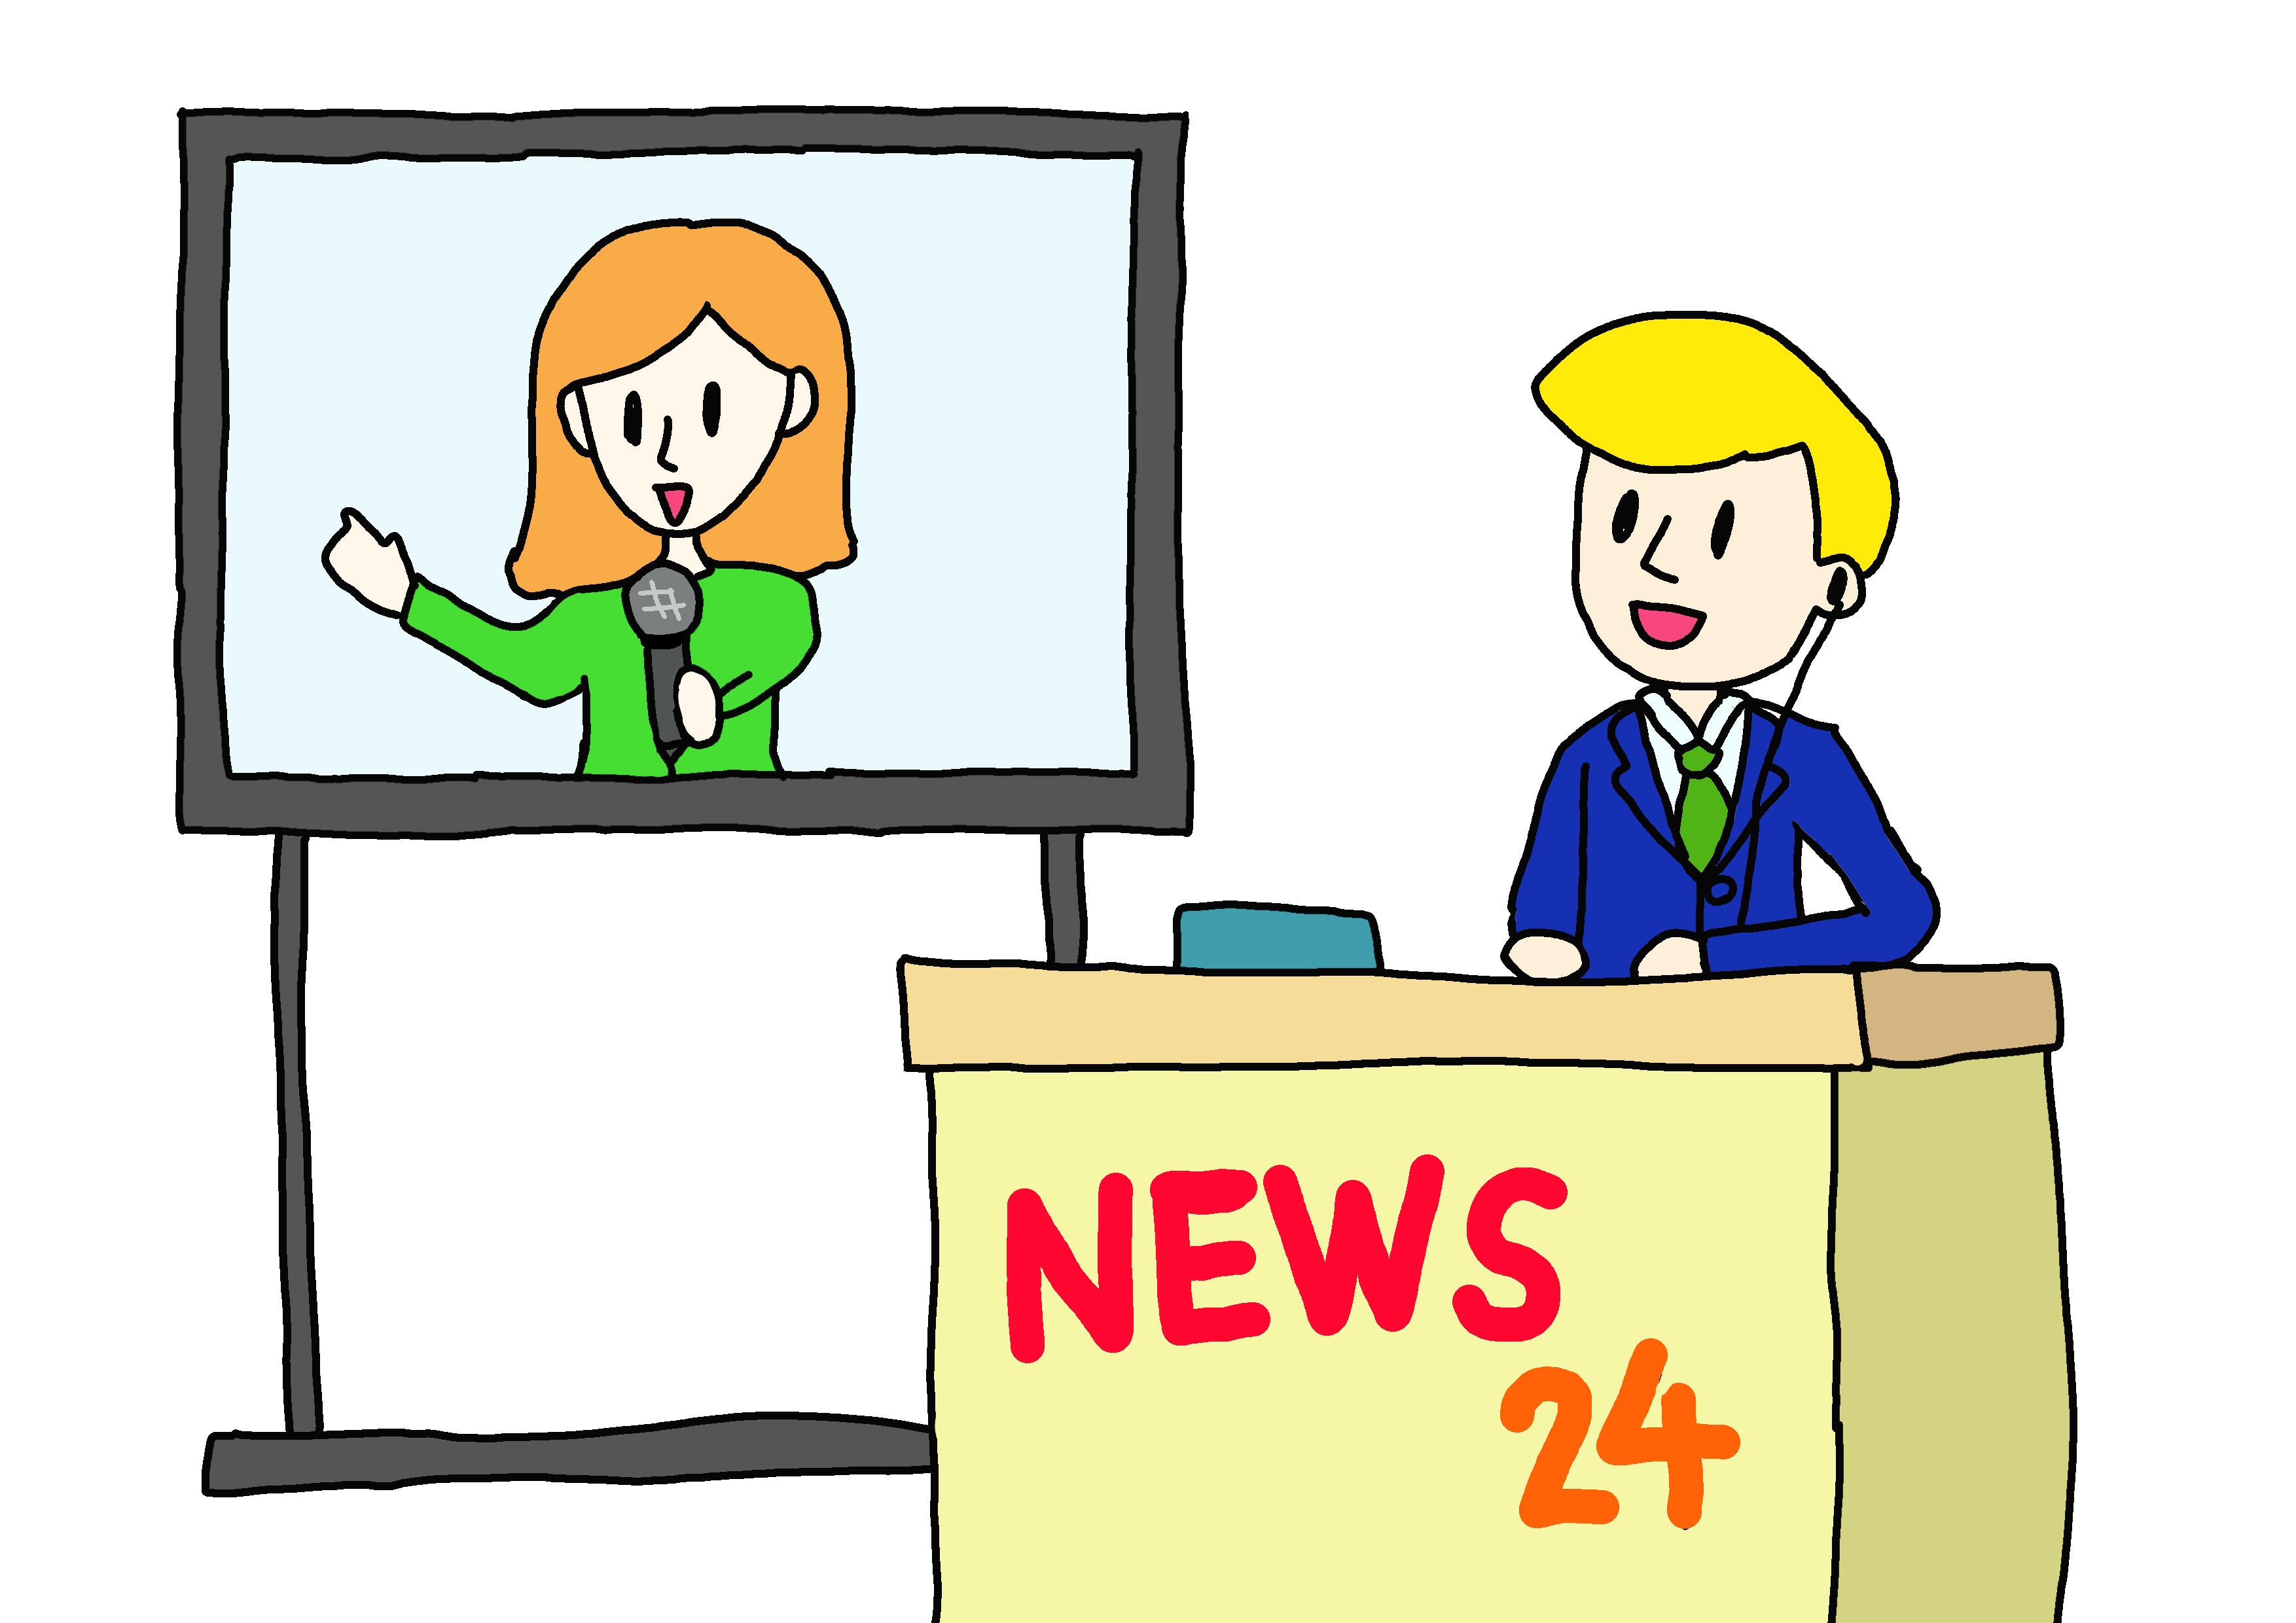 イラスト【ニュース】